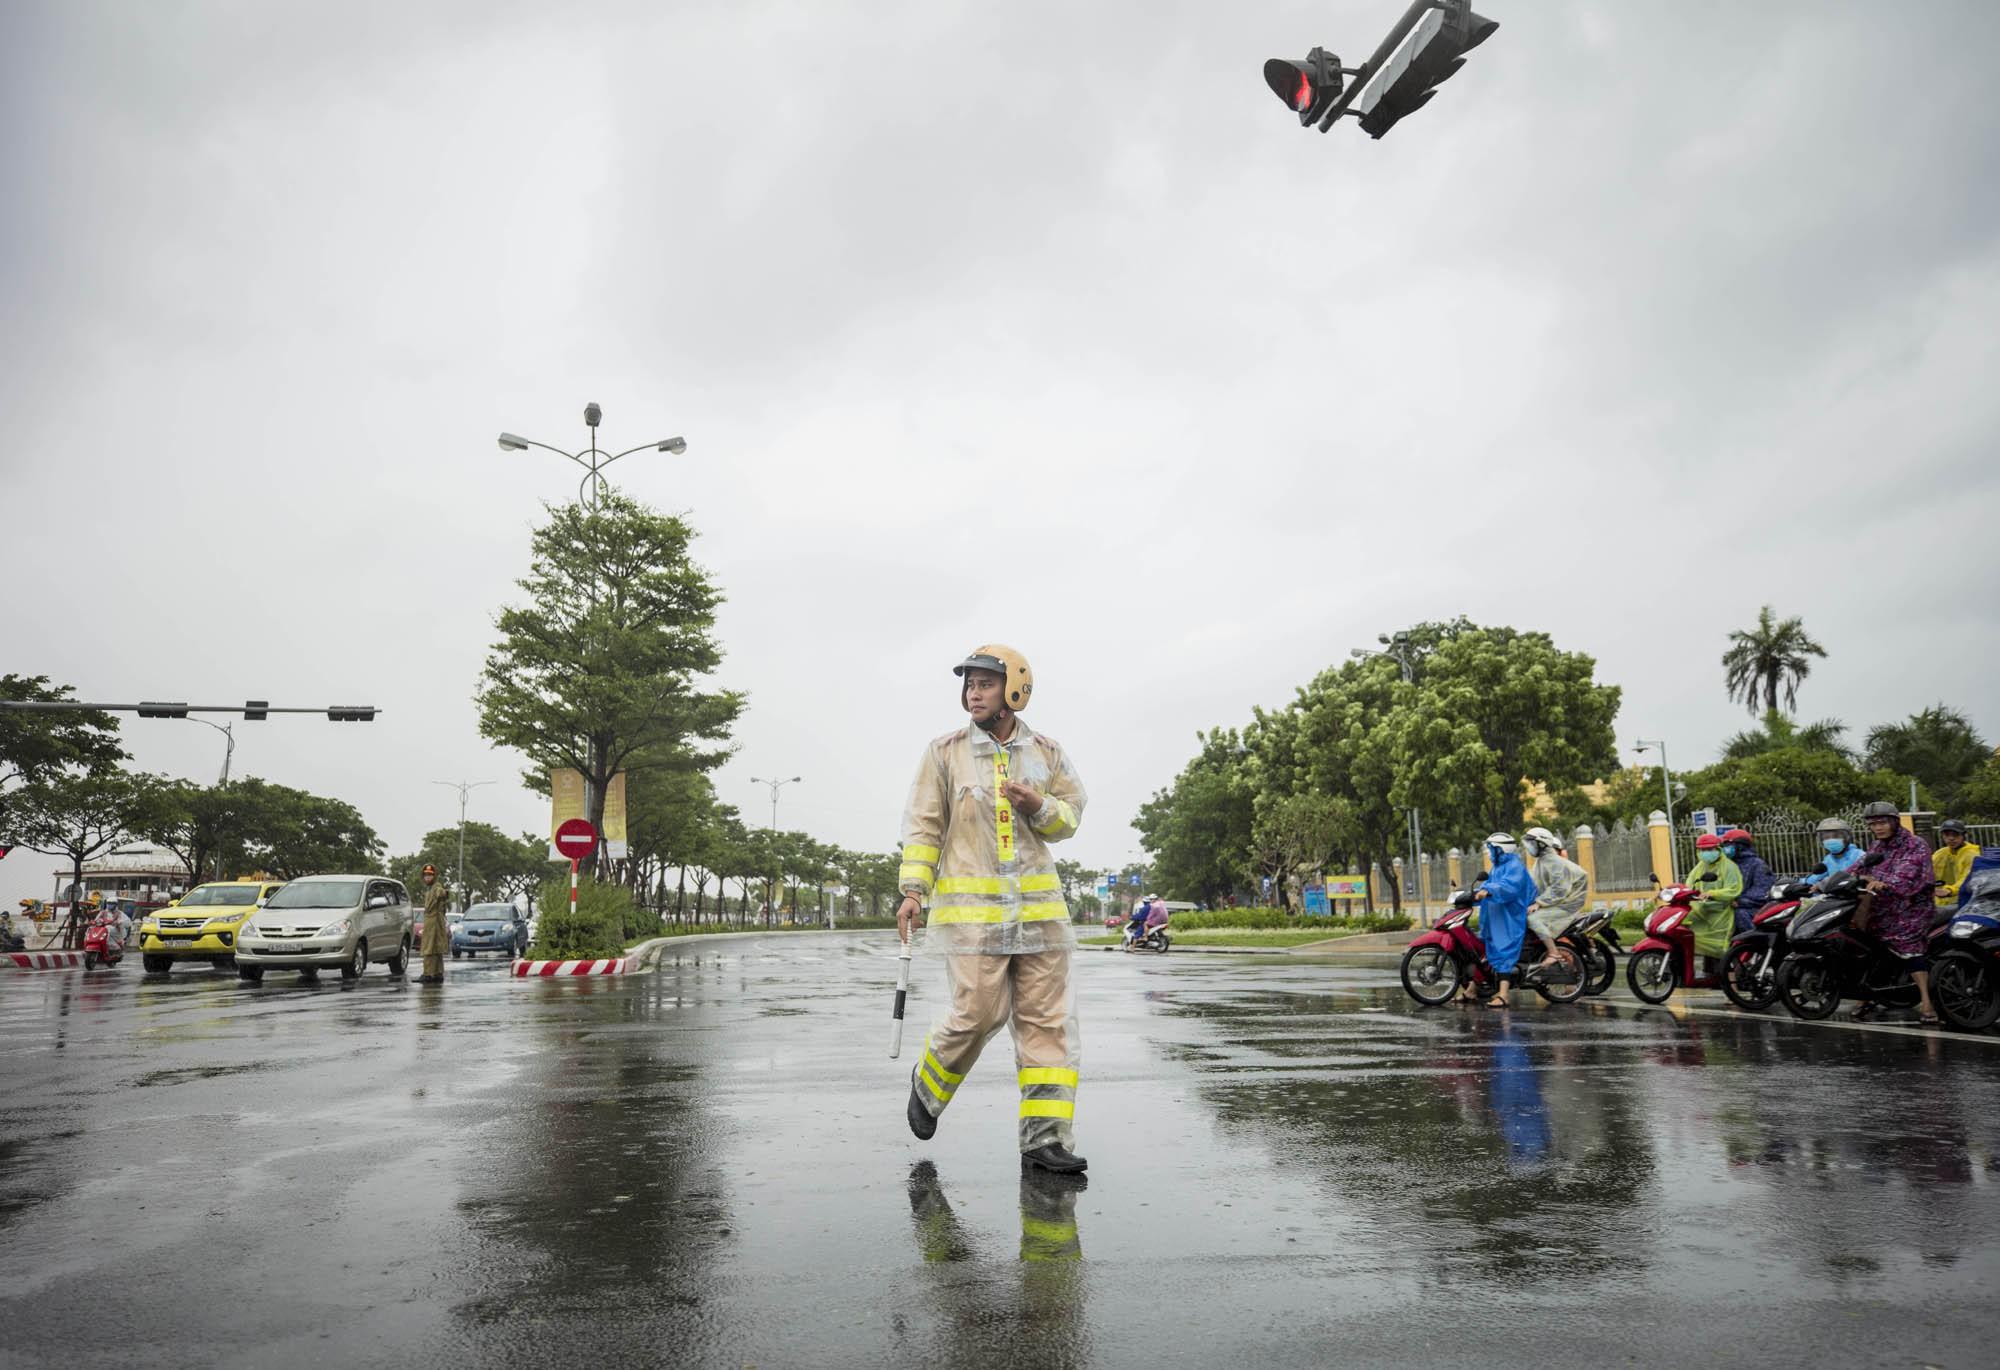 [PHOTO ESSAY] Toàn cảnh Đà Nẵng chạy đua với bão chuẩn bị cho khai mạc APEC - Ảnh 30.